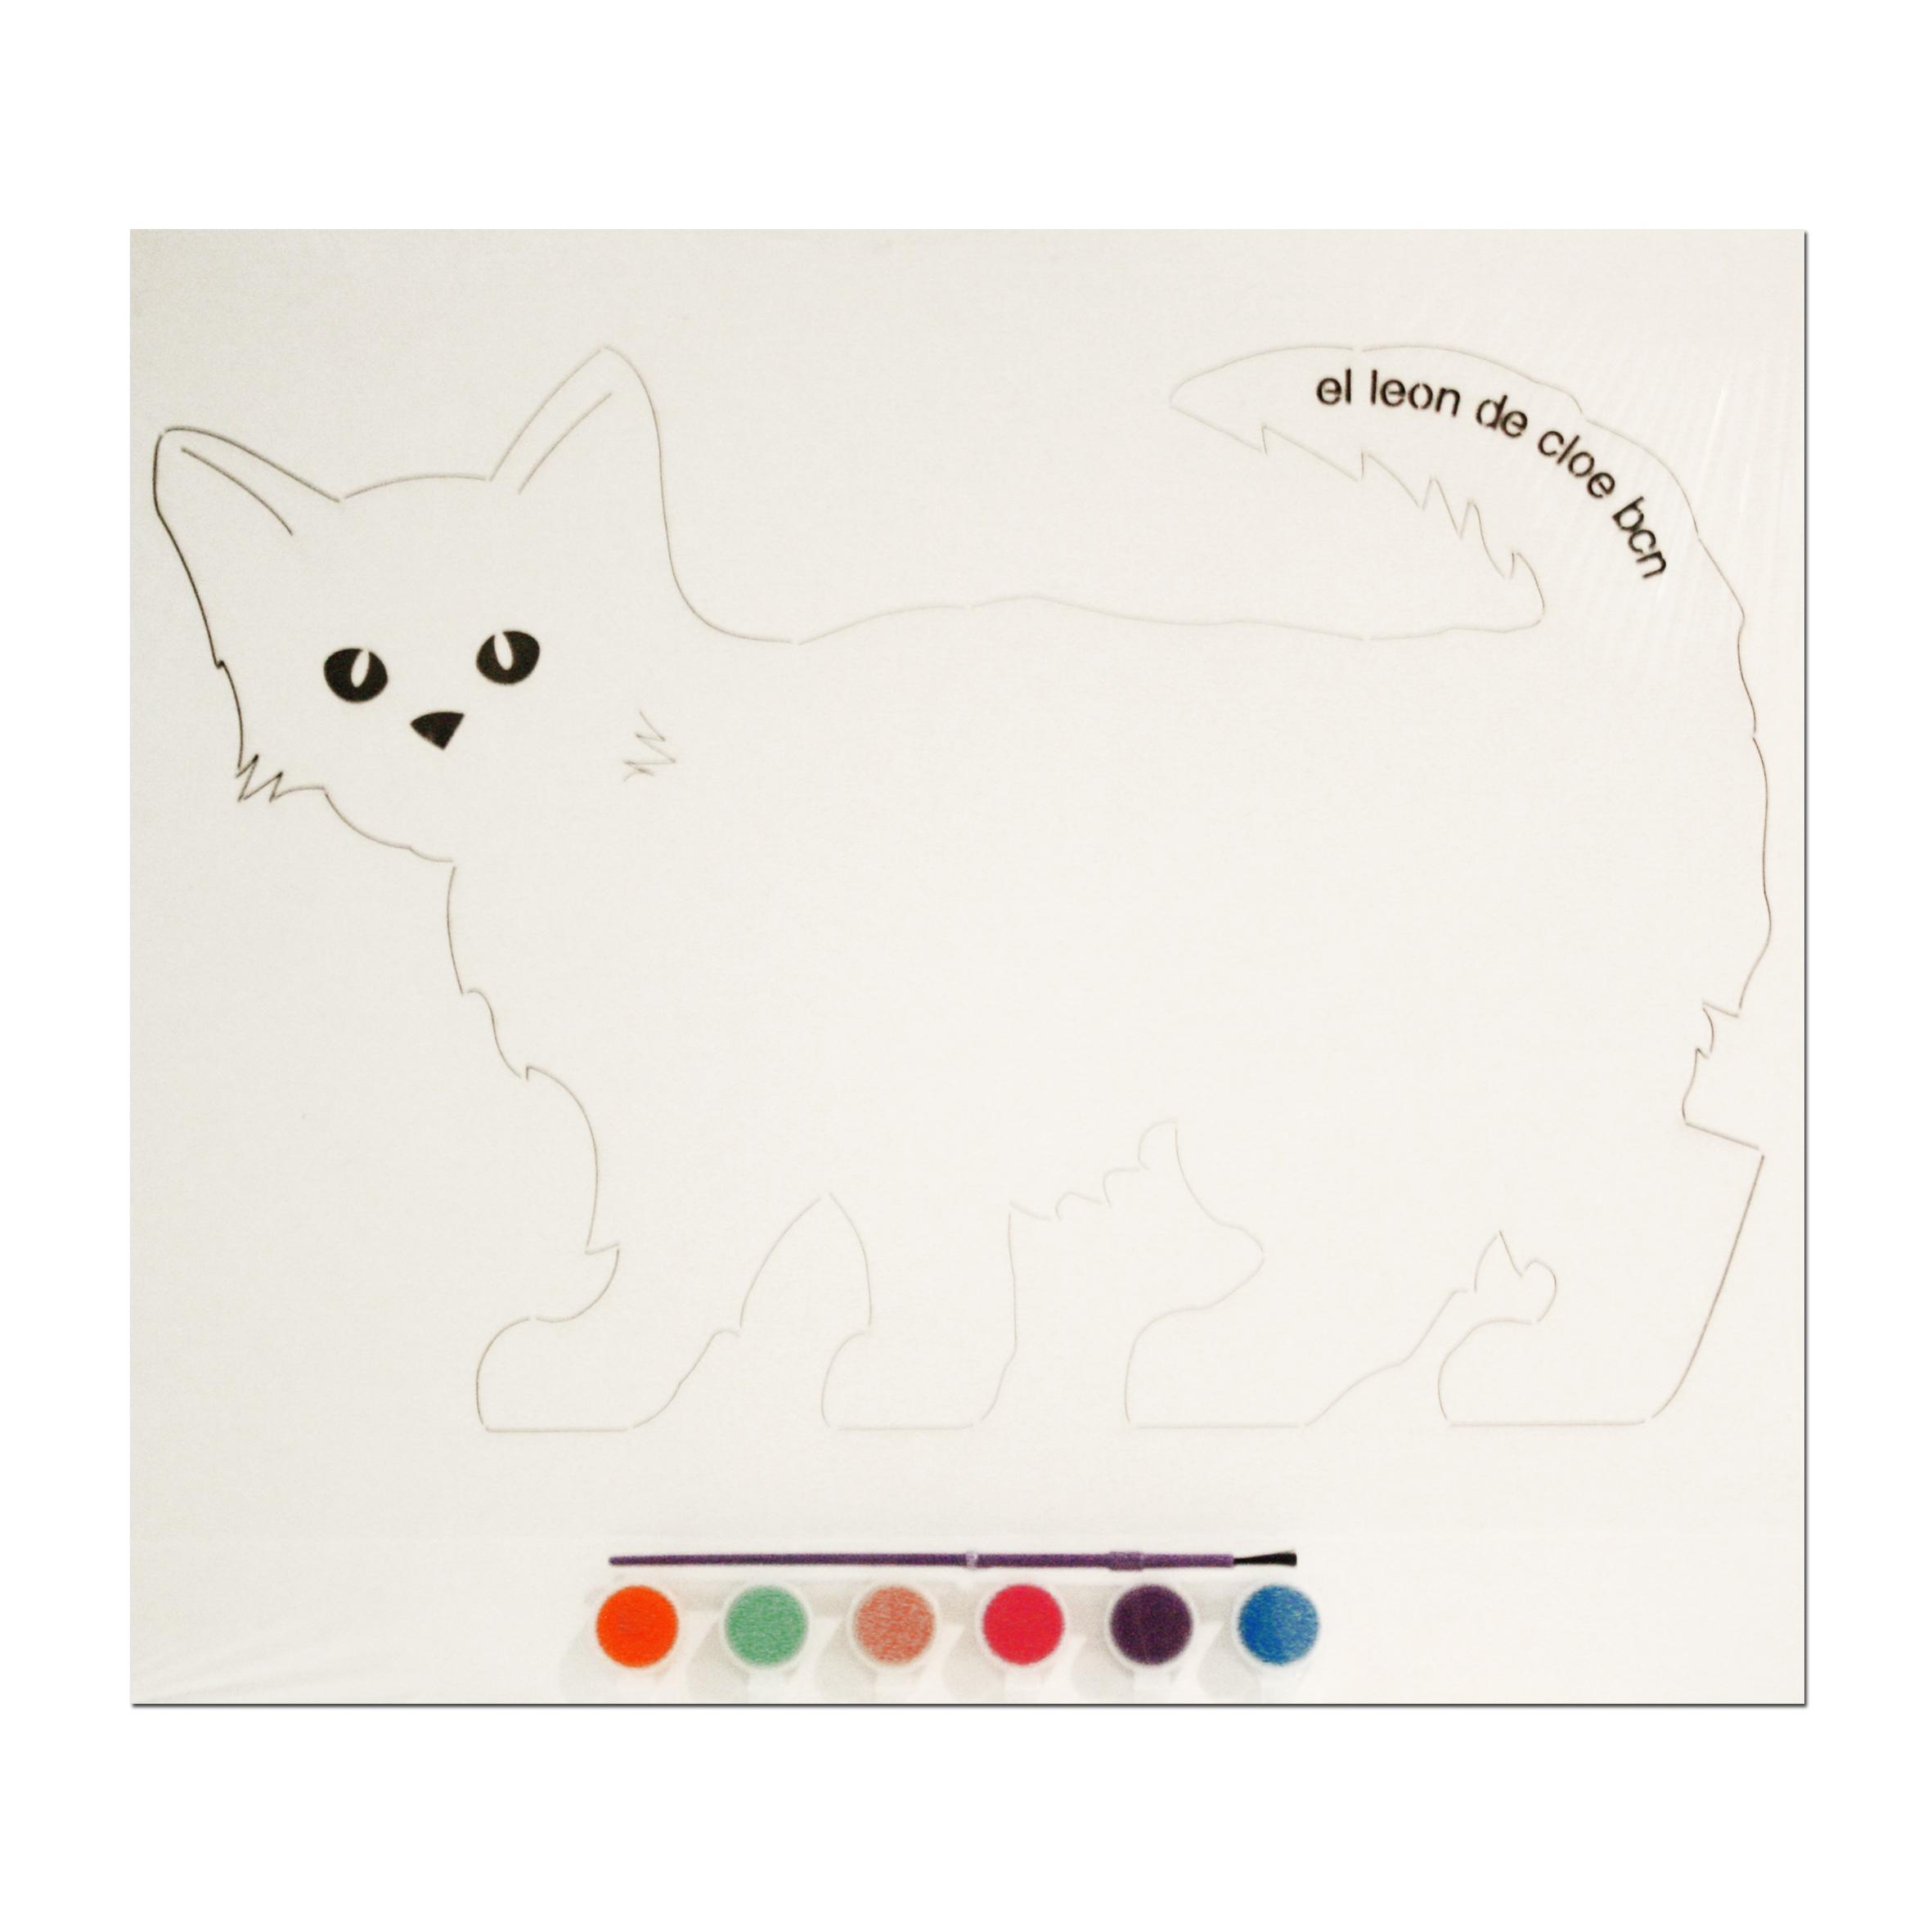 Kit de pintar Gato Persa del León de Cloe. El regalo perfecto para cualquier niño.